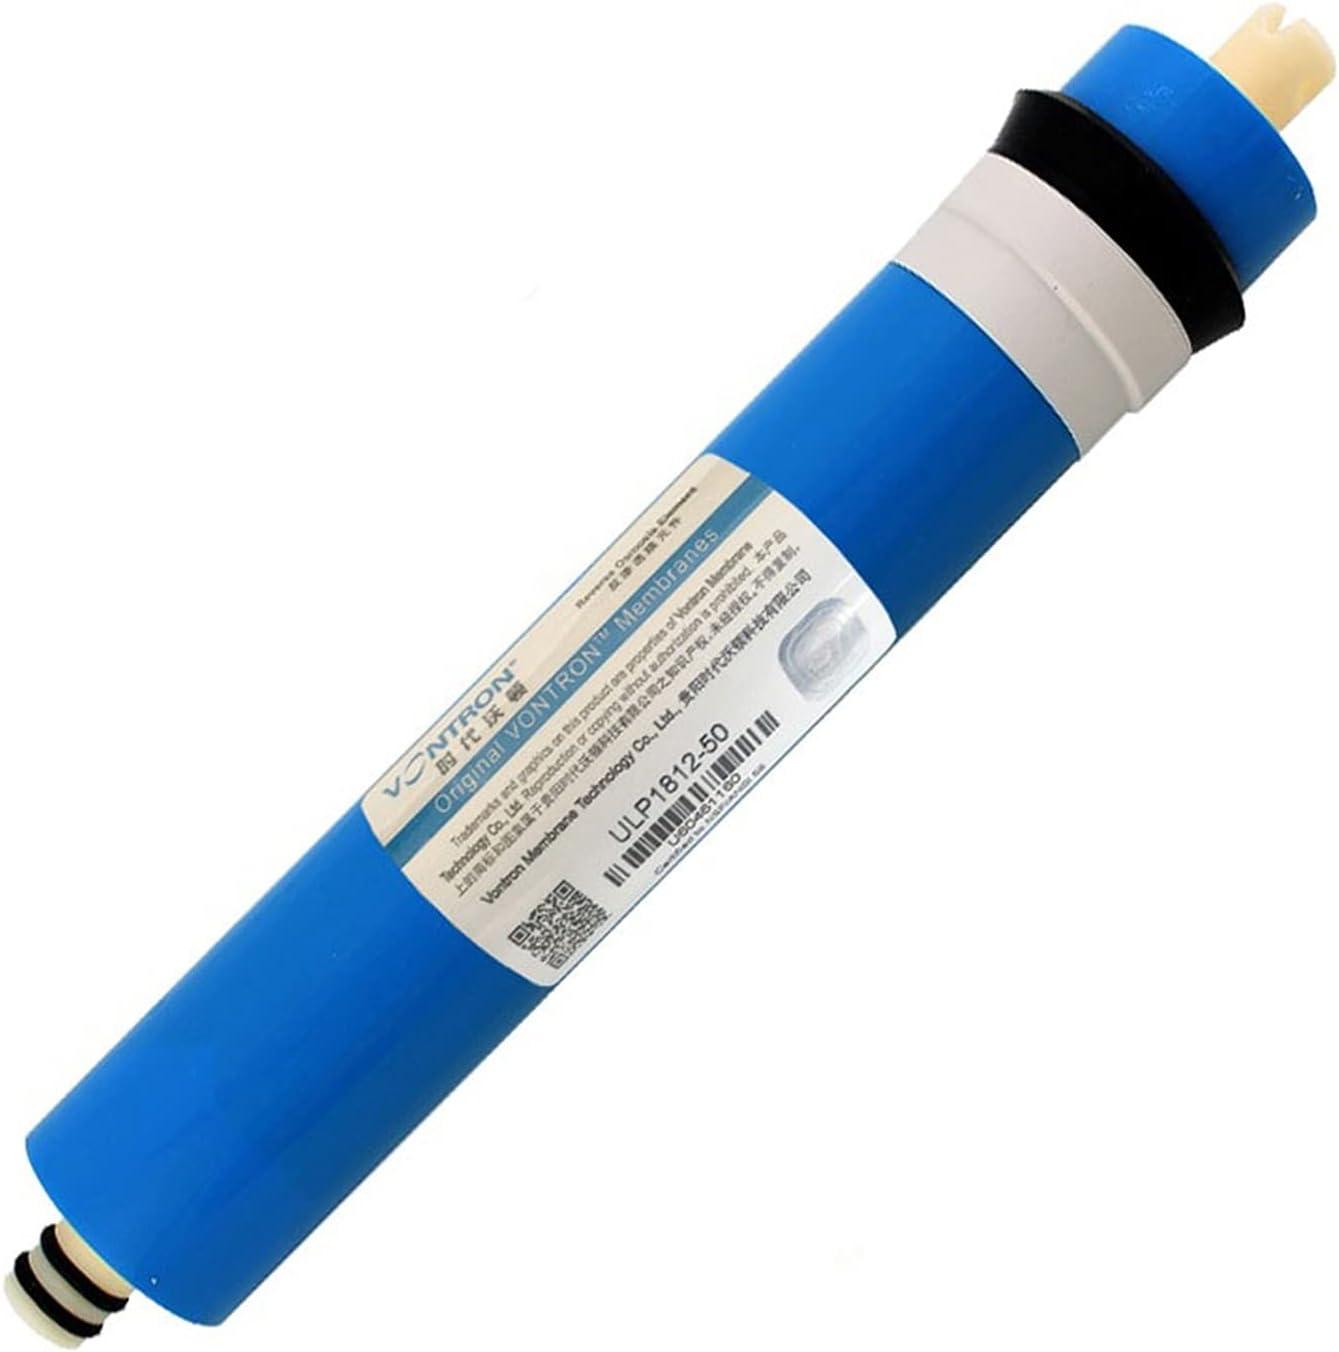 Agua destilada Filtro de agua 1812-50 Residencial 50 GPD RO Membrana para el sistema de ósmosis inversa Purificador de agua del hogar para el fregadero